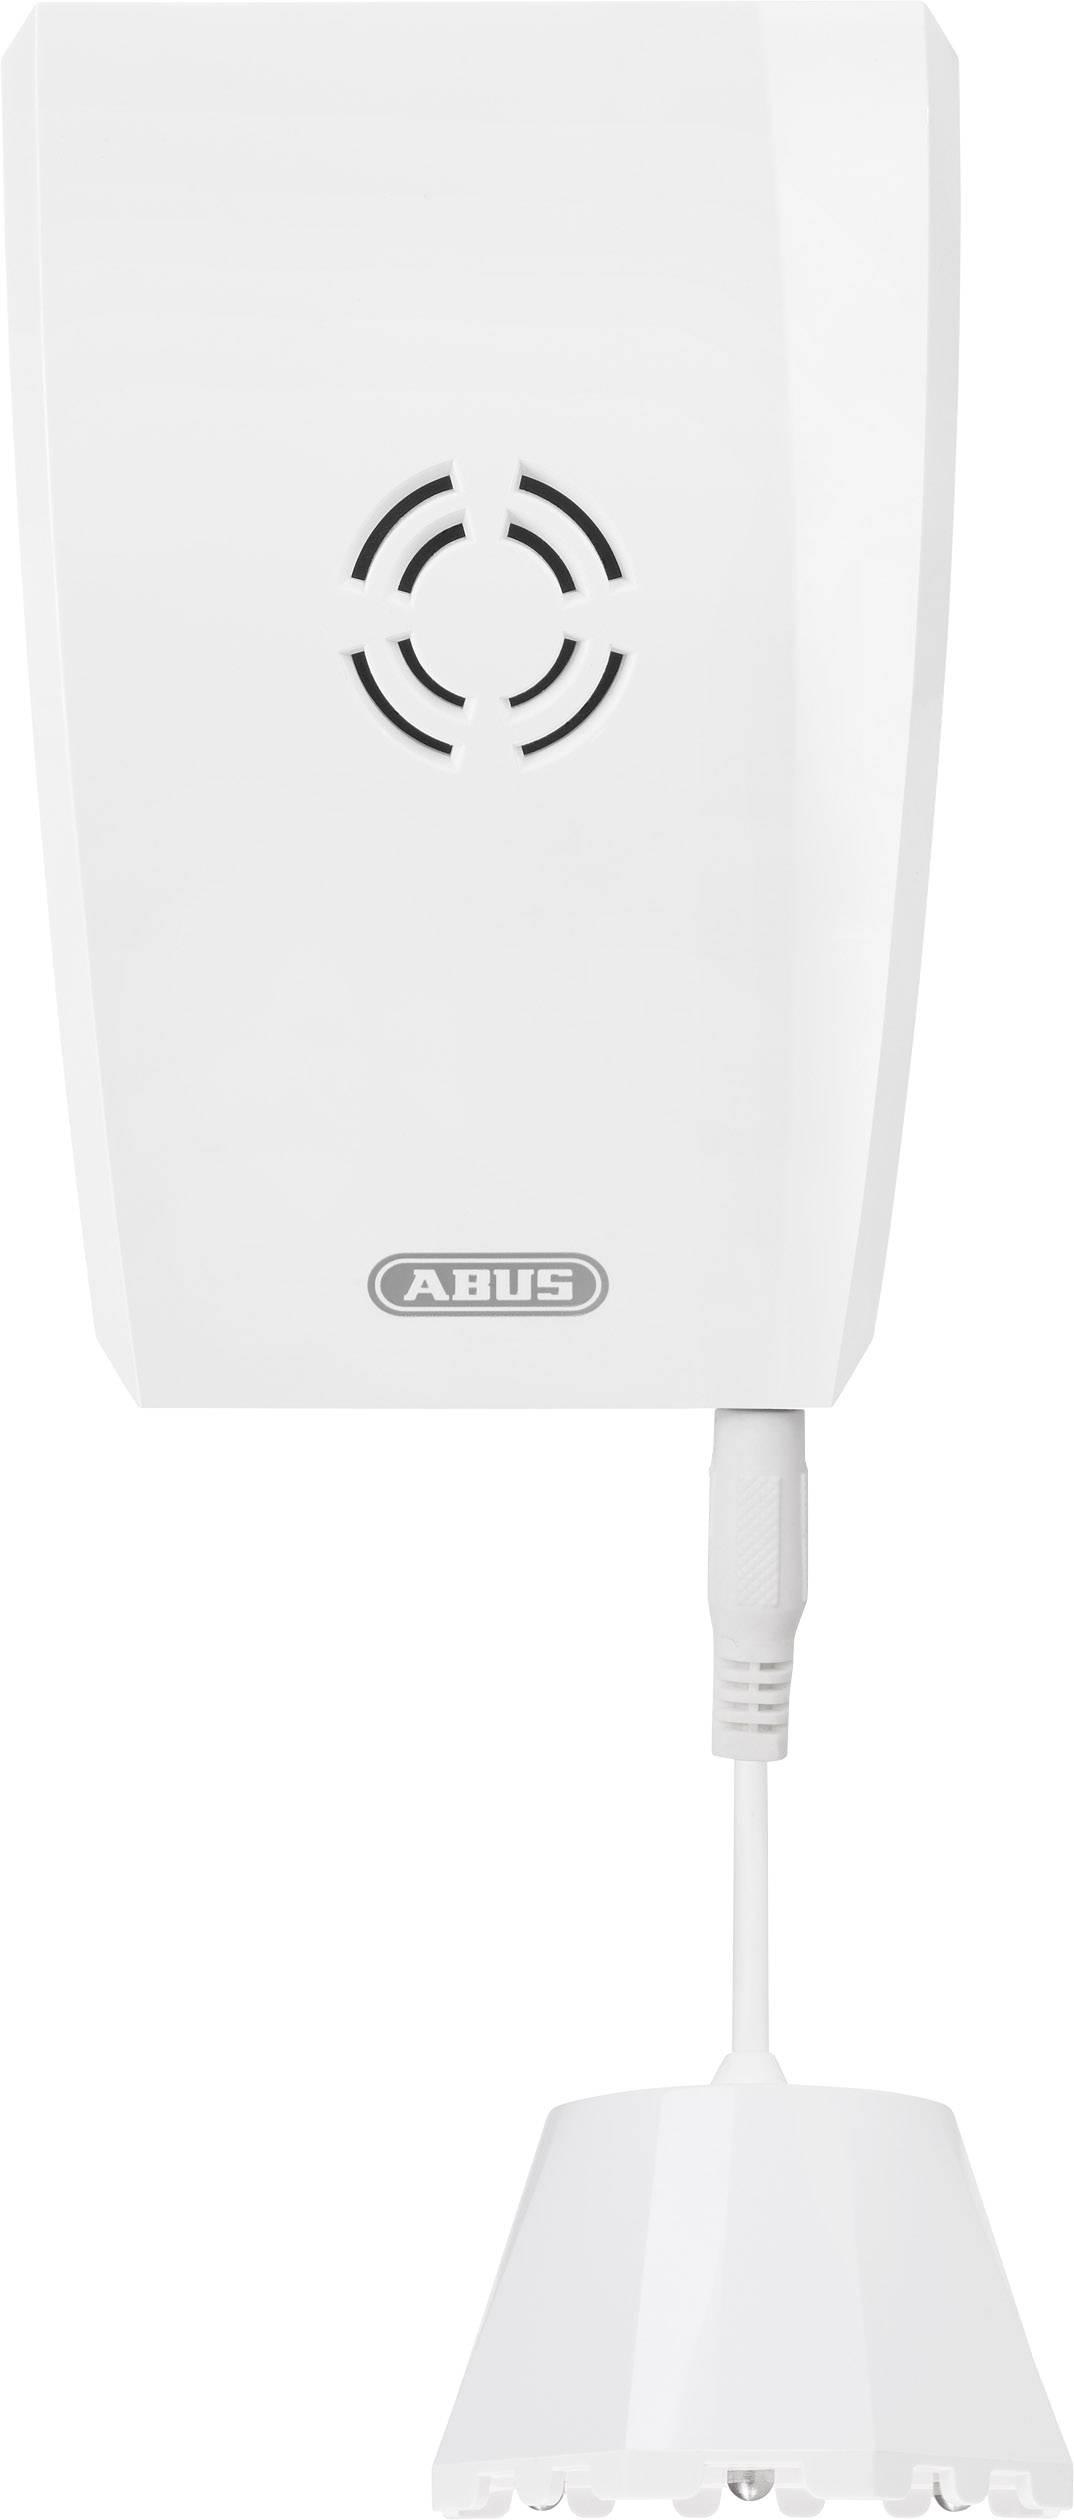 Rozšíření bezdrátového alarmu, bezdrátový detektor úniku vody ABUS Smartvest, ABUS Smart Security World FUWM35000A